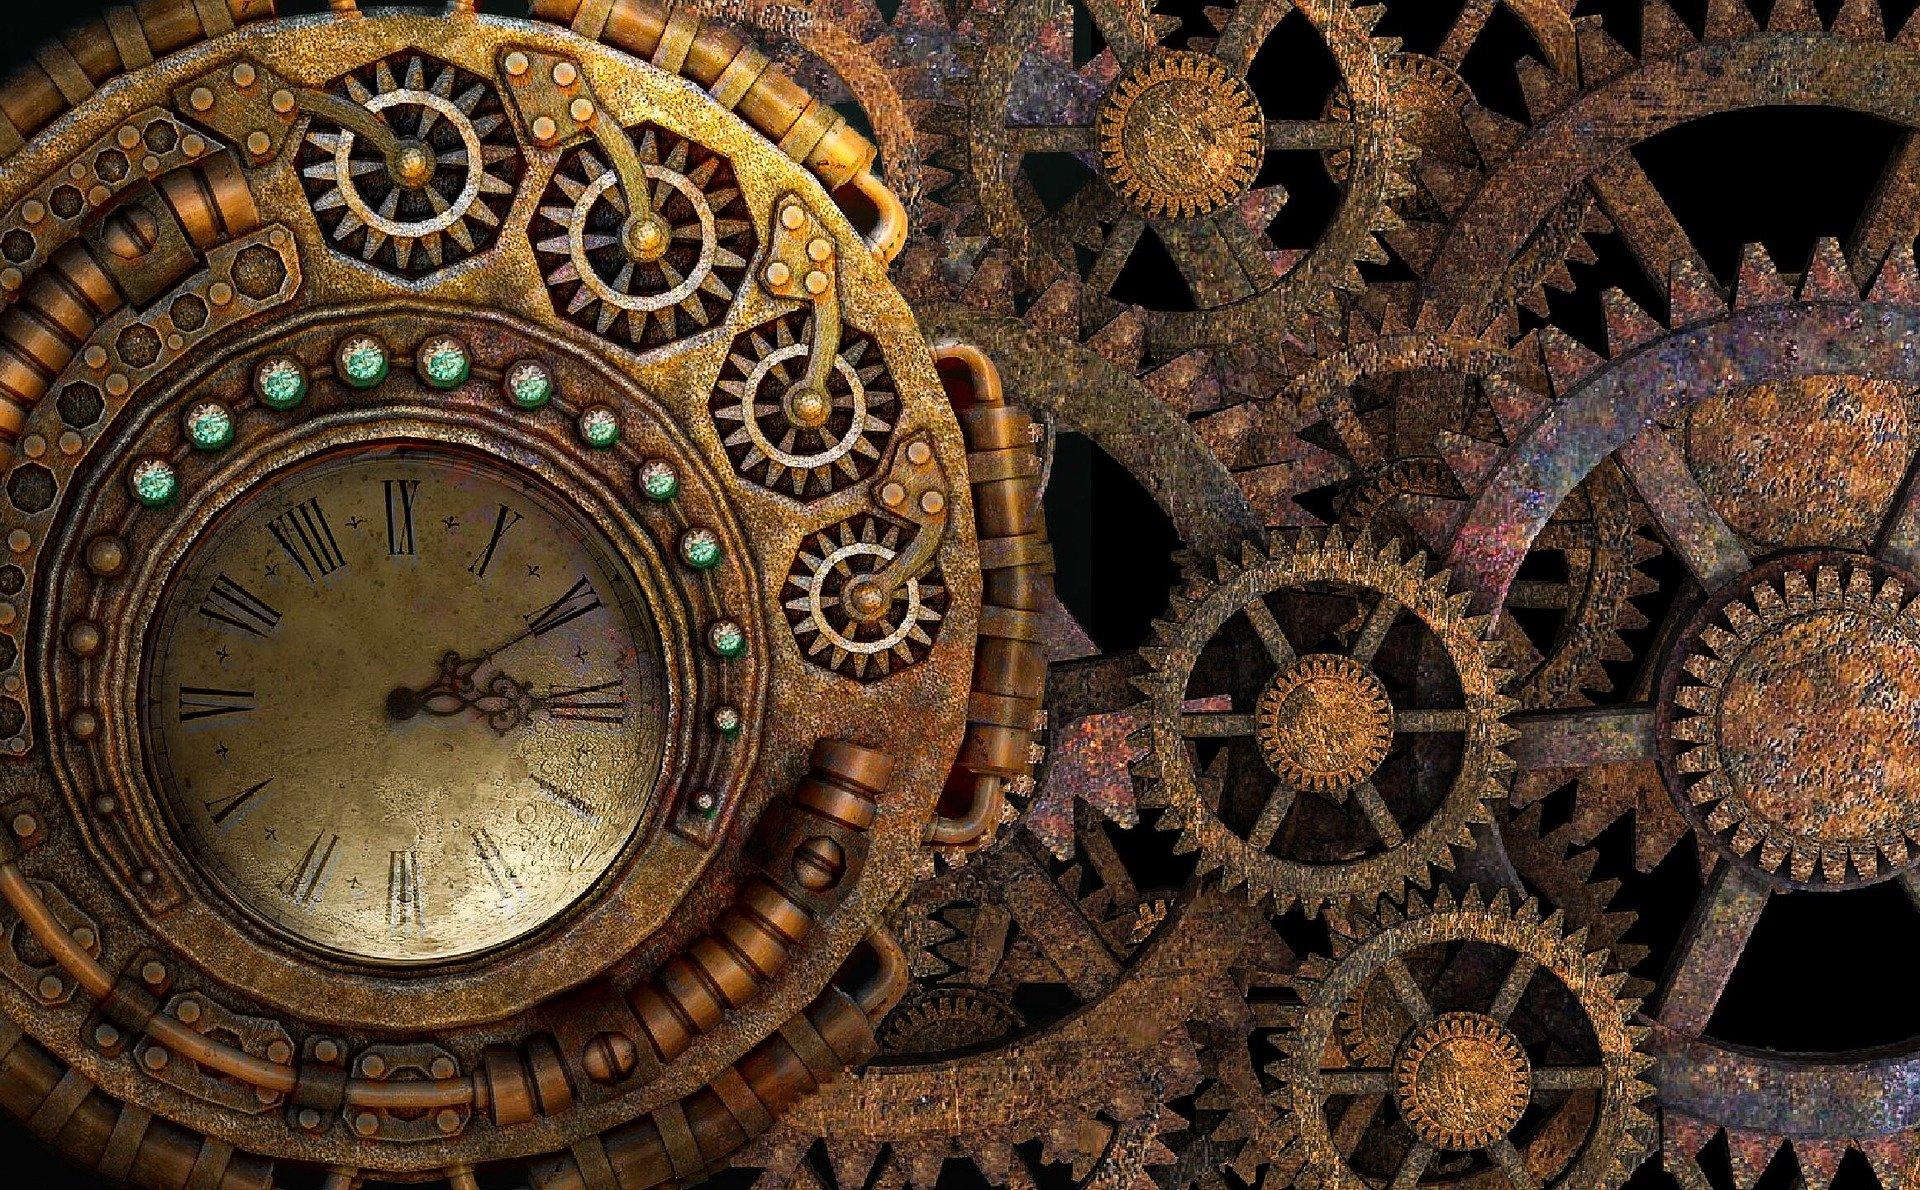 horloge heure rendez-vous rdv cabinet conseils naturopathie réflexologie soins énergétiques